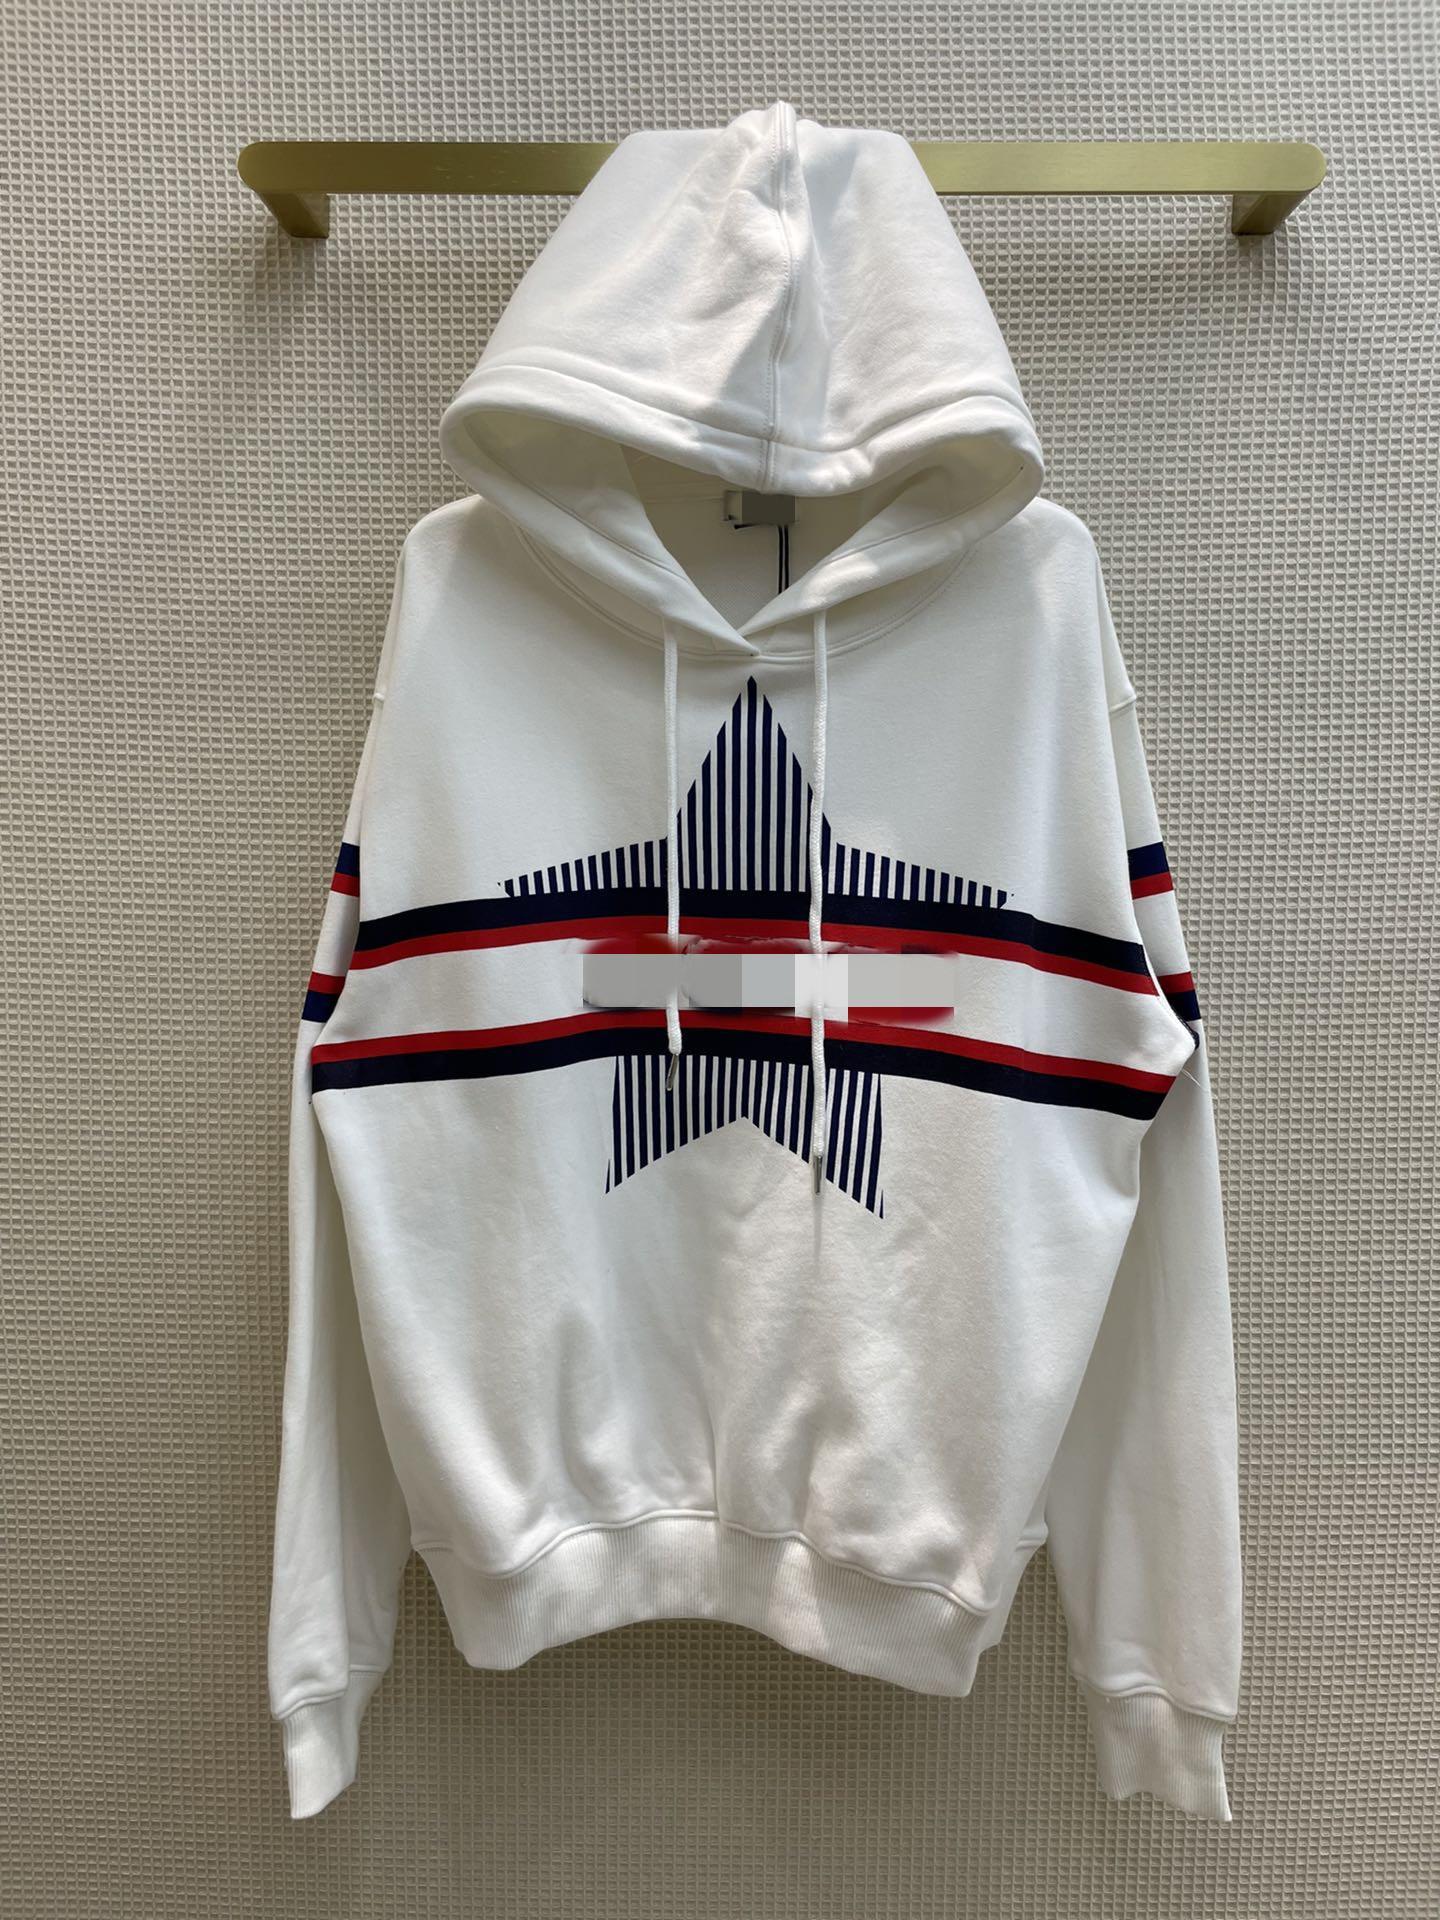 Kadın Hoodies 2021 Sonbahar Kapüşonlu Uzun Kollu Baskı Panelli Tasarımcı Ceket Ve Marka Aynı Stil Tişörtü 0918-8